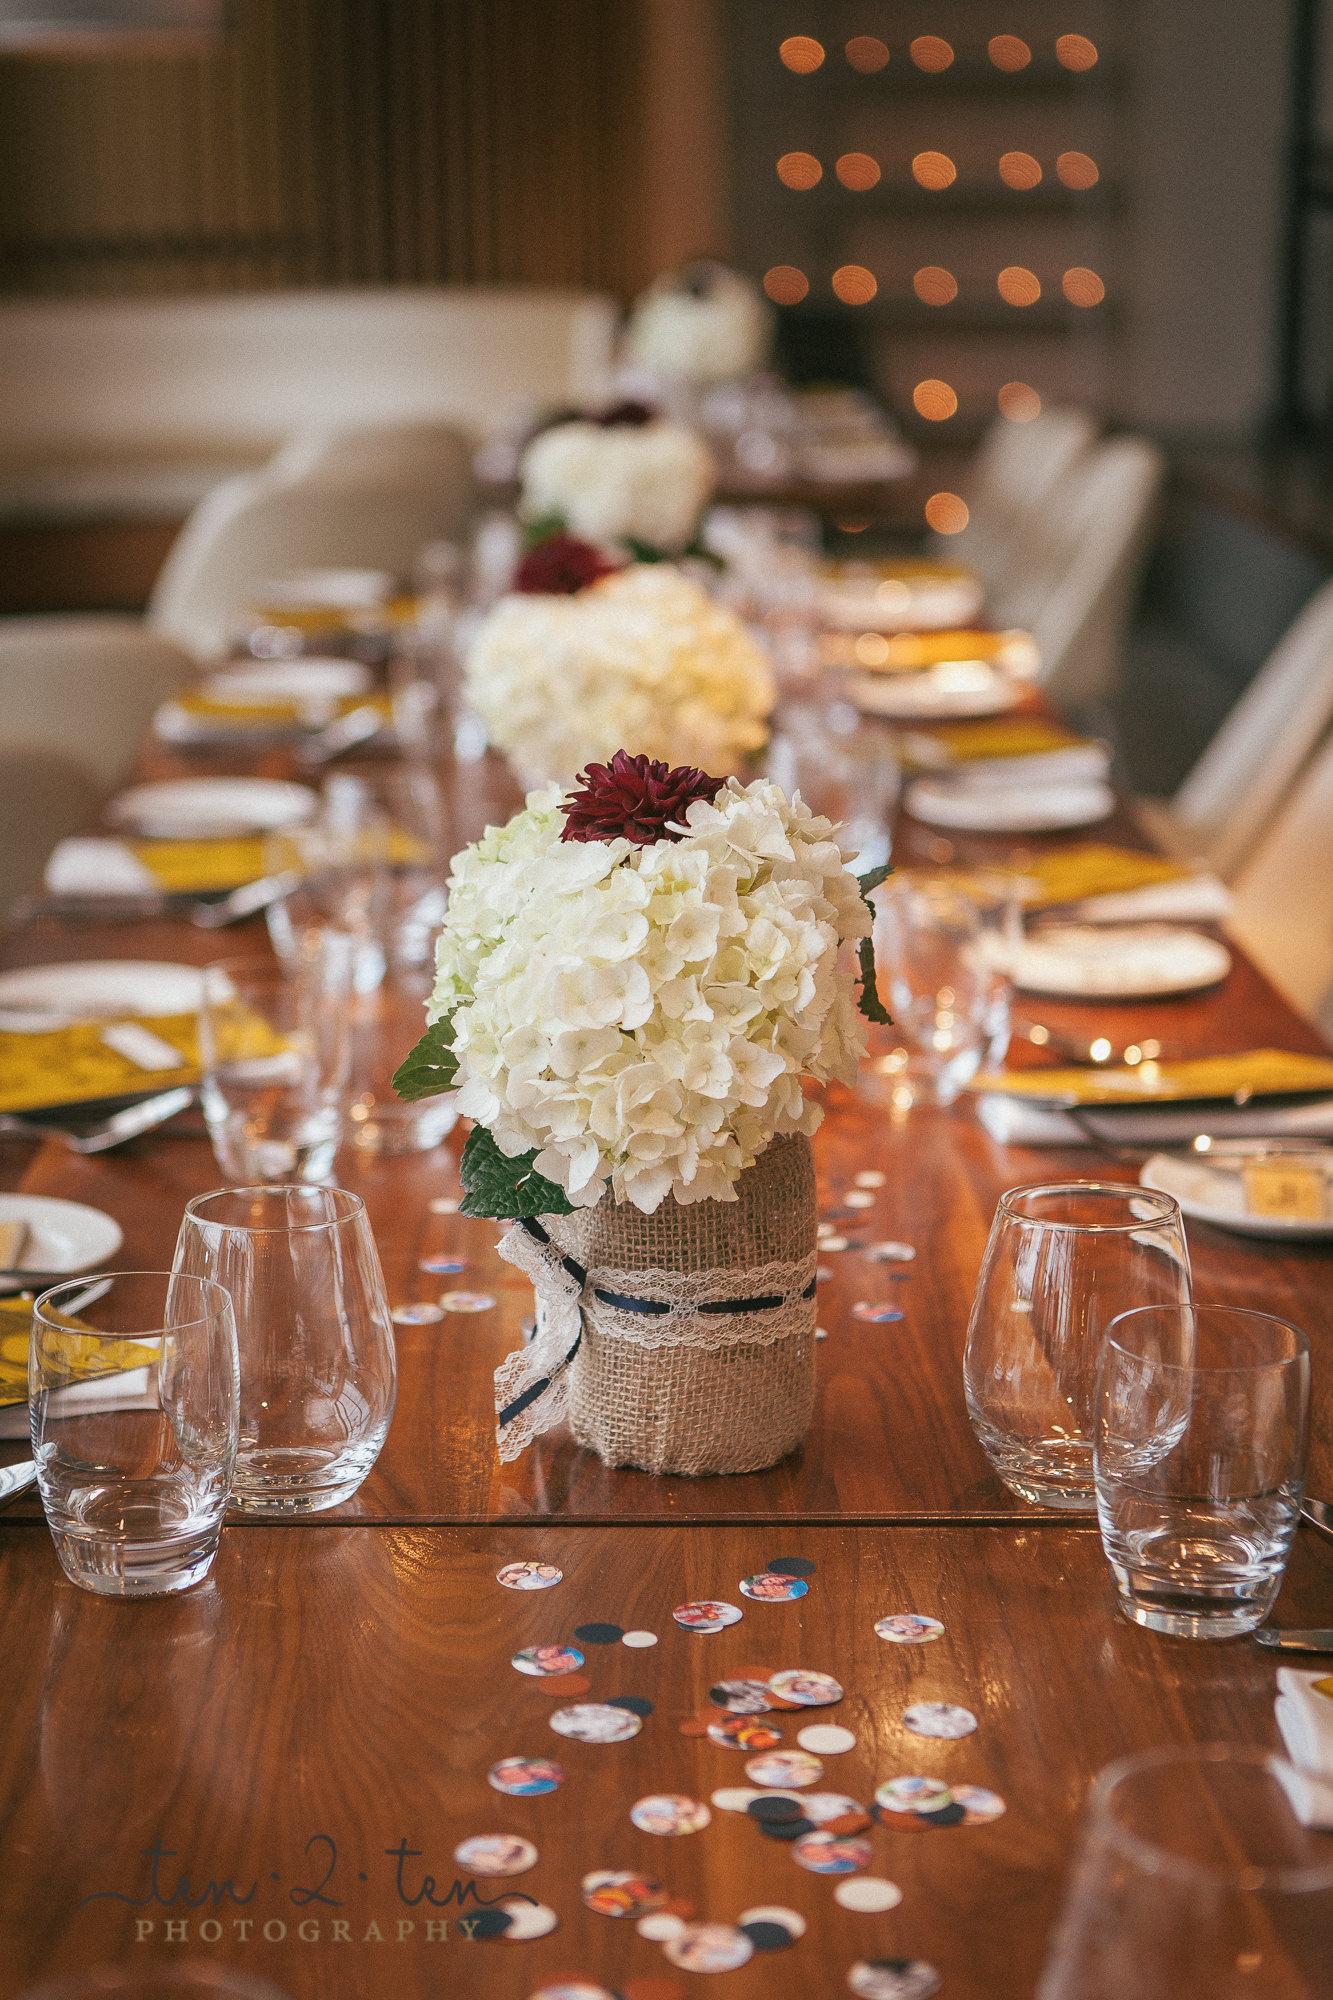 mildreds temple kitchen wedding photos 299 - Mildred's Temple Kitchen Wedding Photos